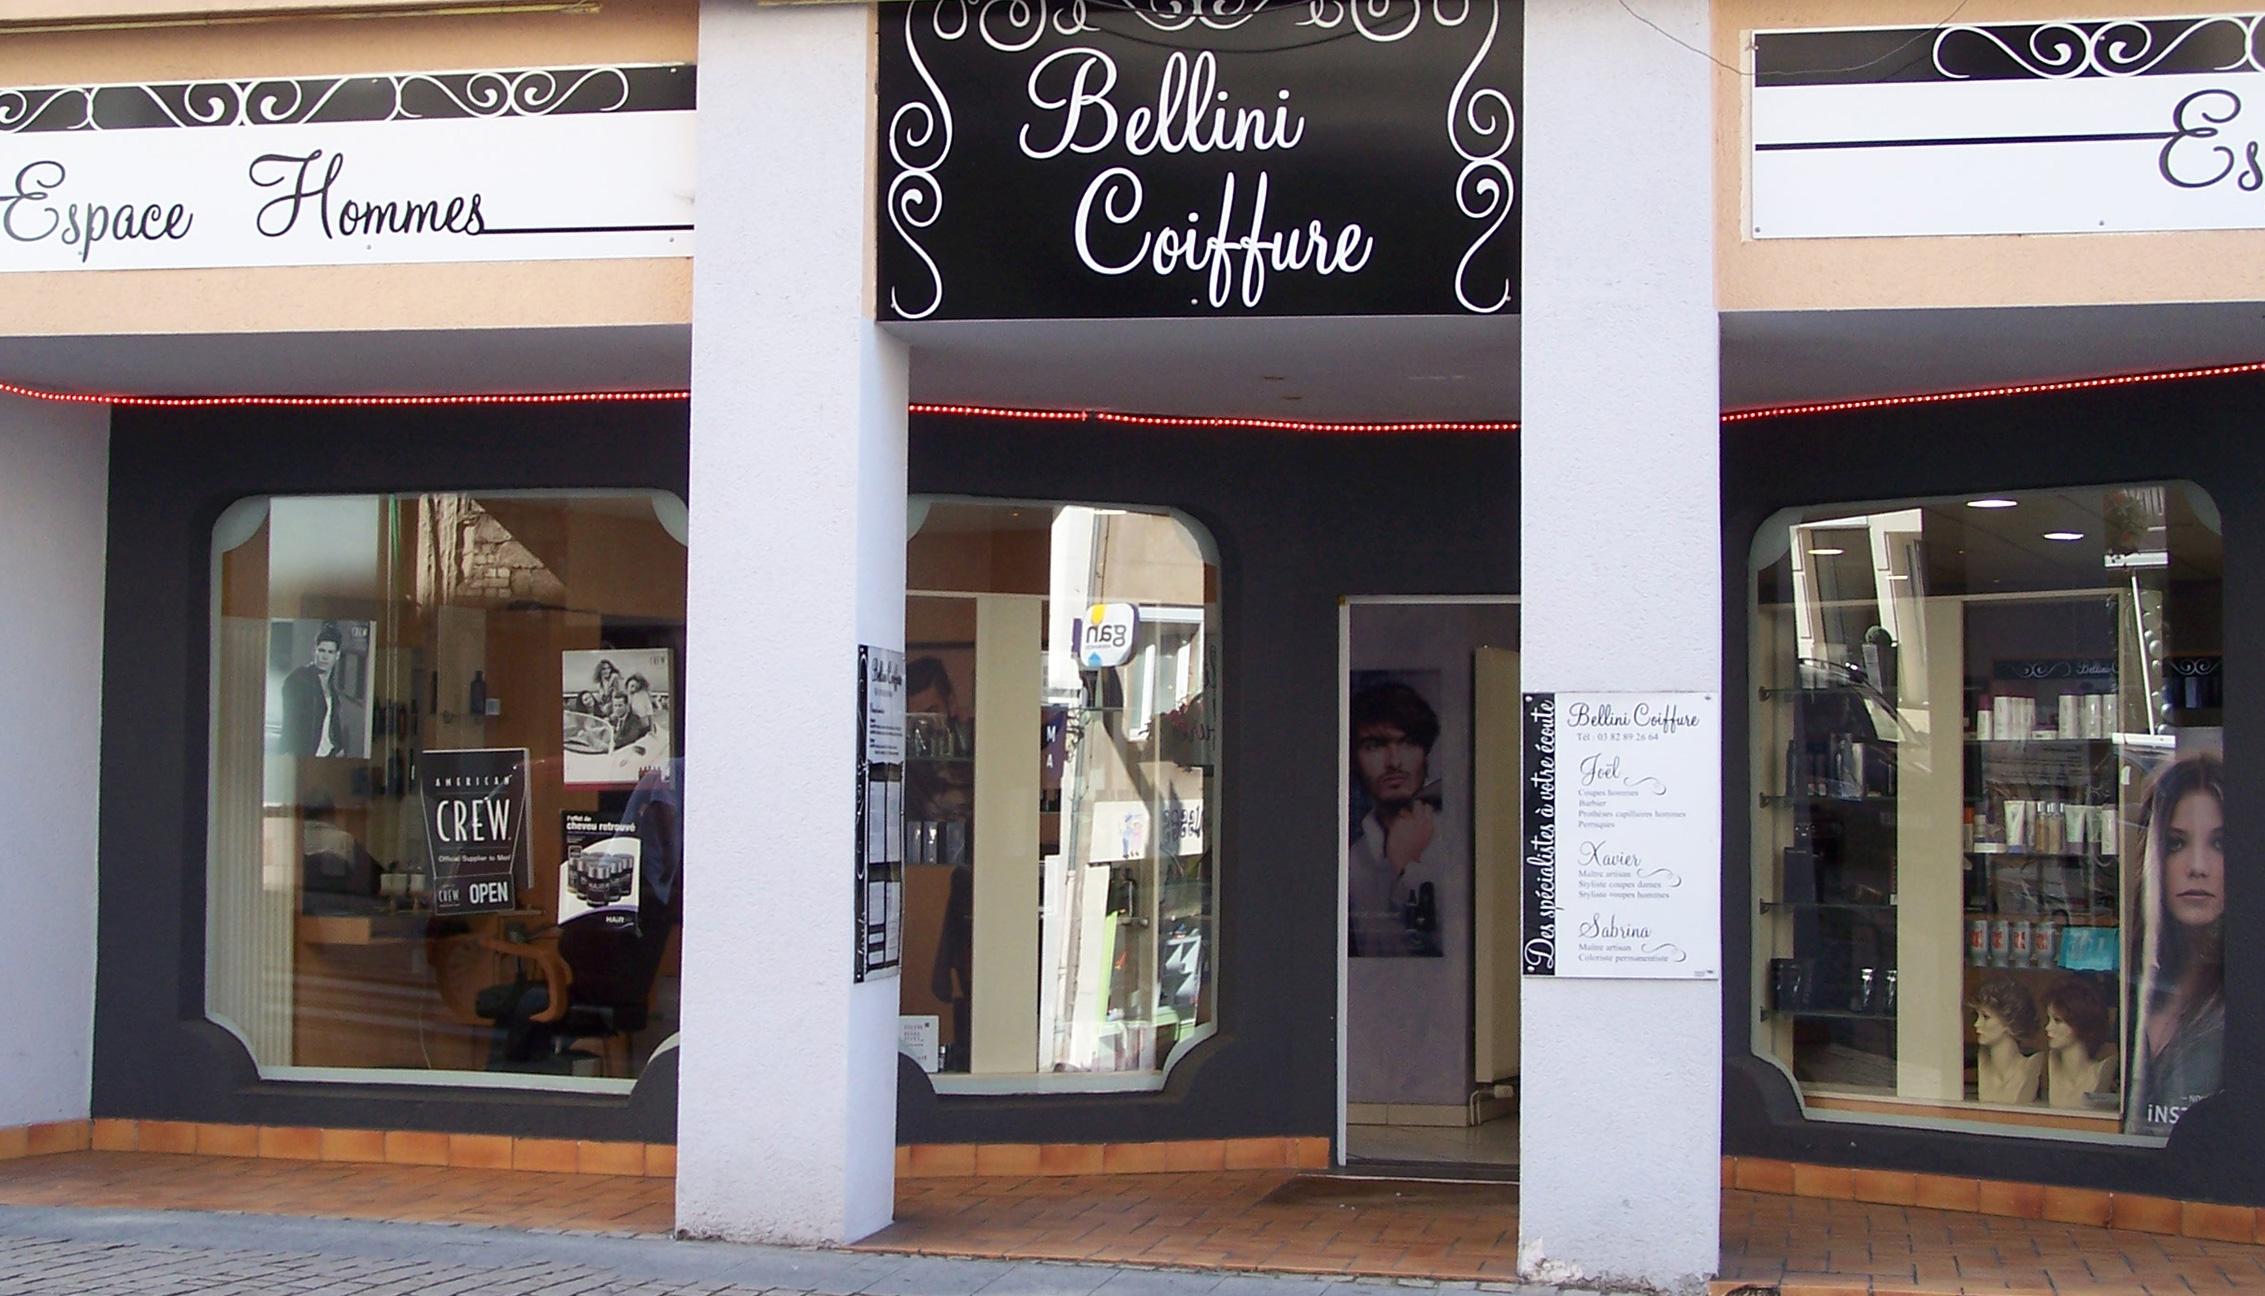 BelliniCoiffure